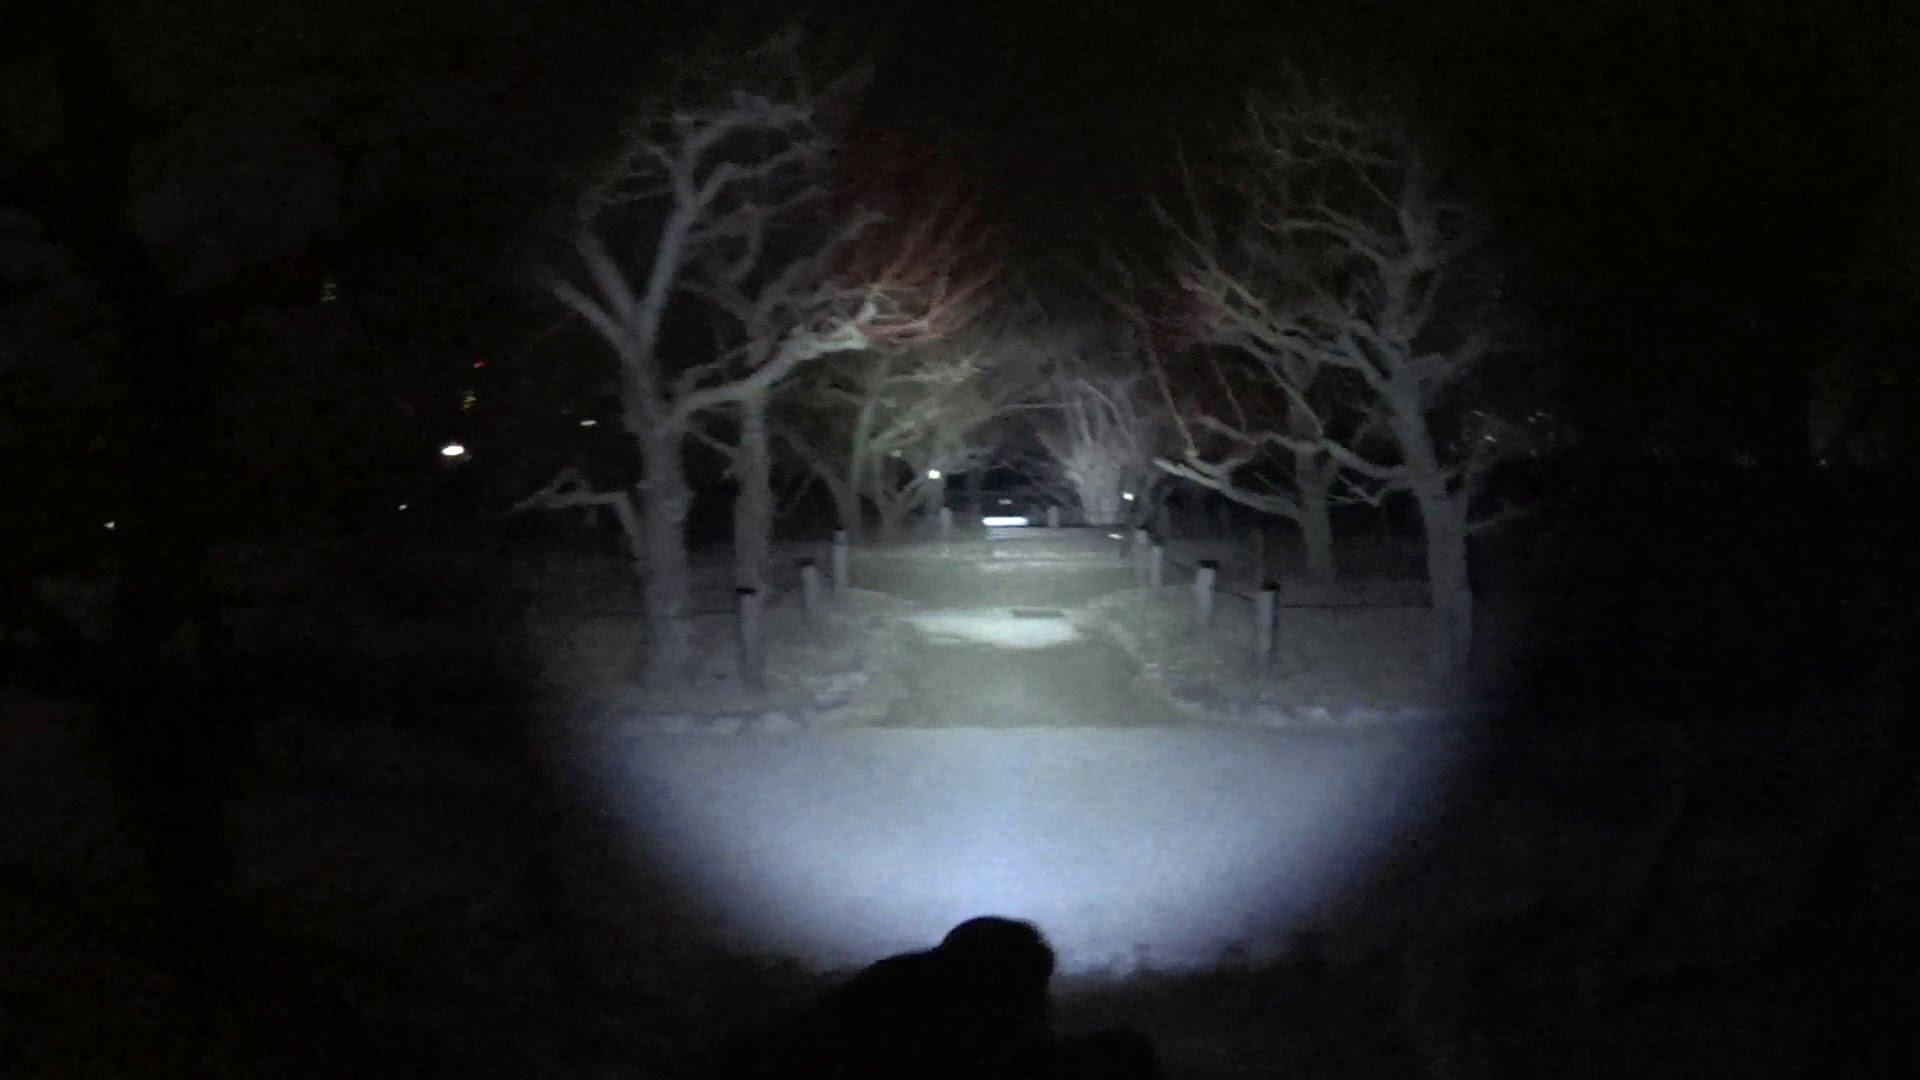 Nitecore P12 LED shining